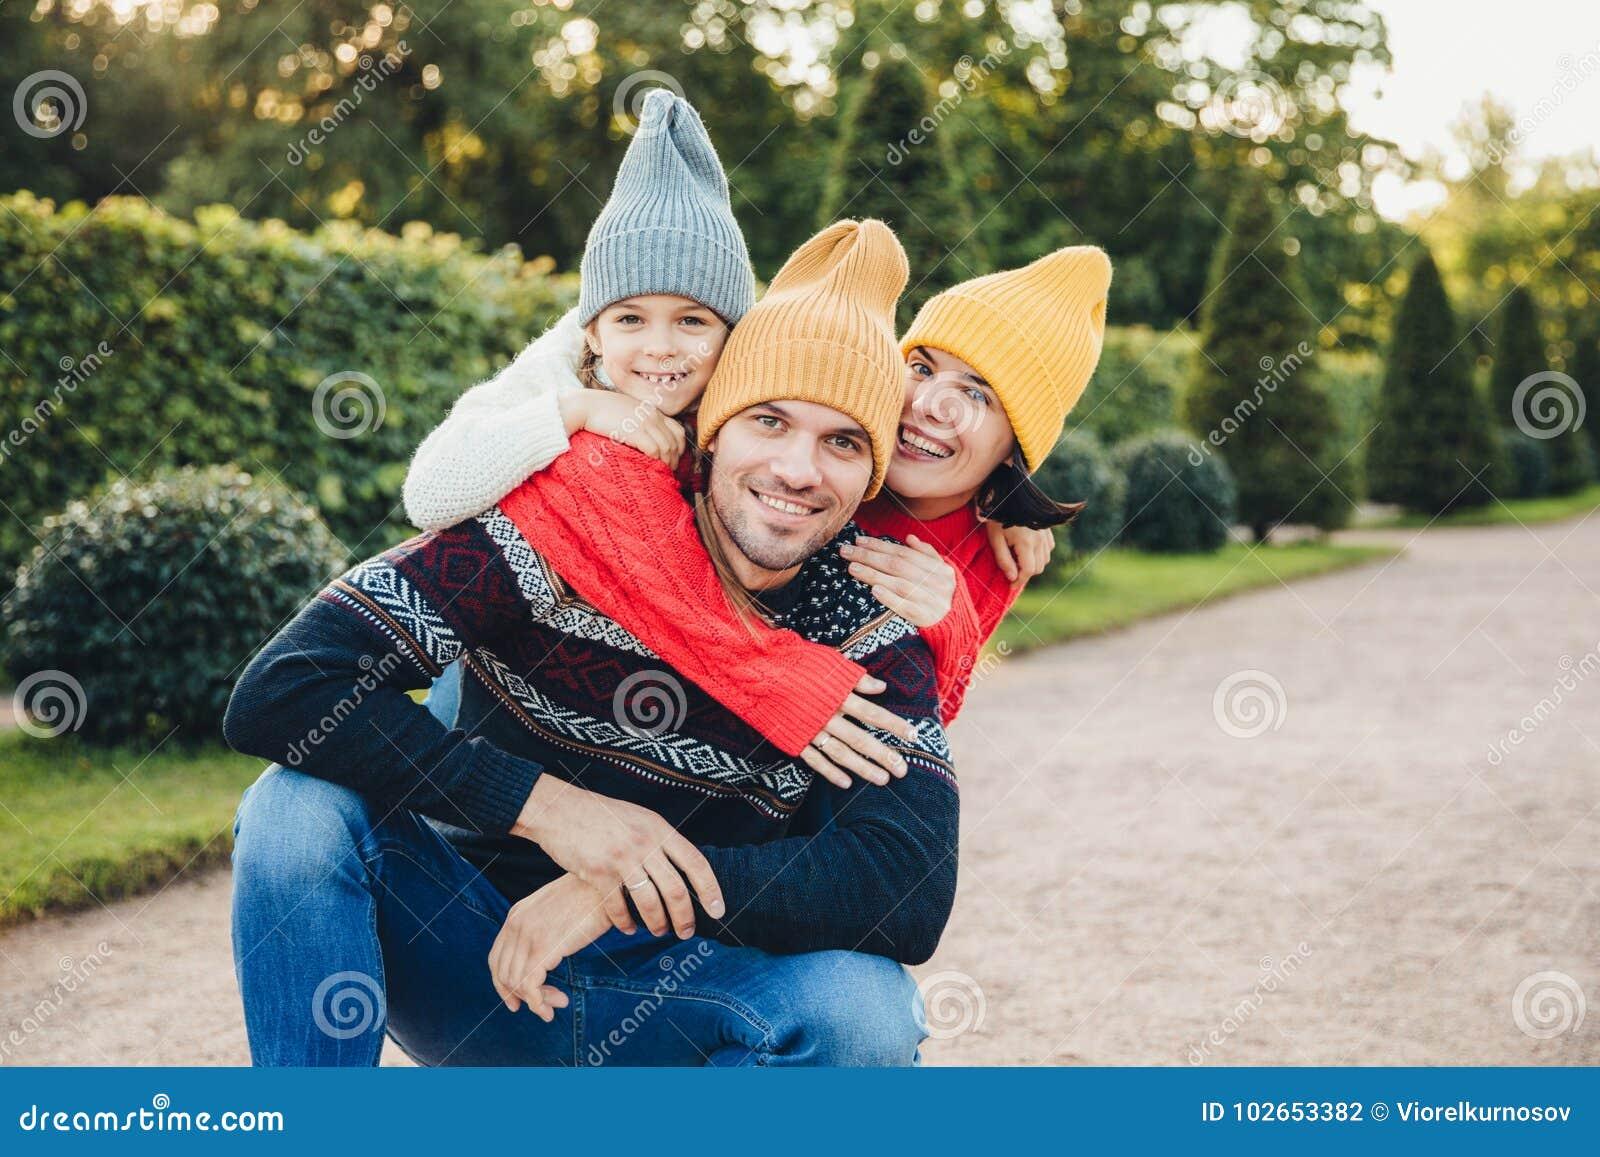 Красивый человек имеет хорошее отношение с женой и малая дочь которая обнимает его от задней части, имеет приятные улыбки Дружелю